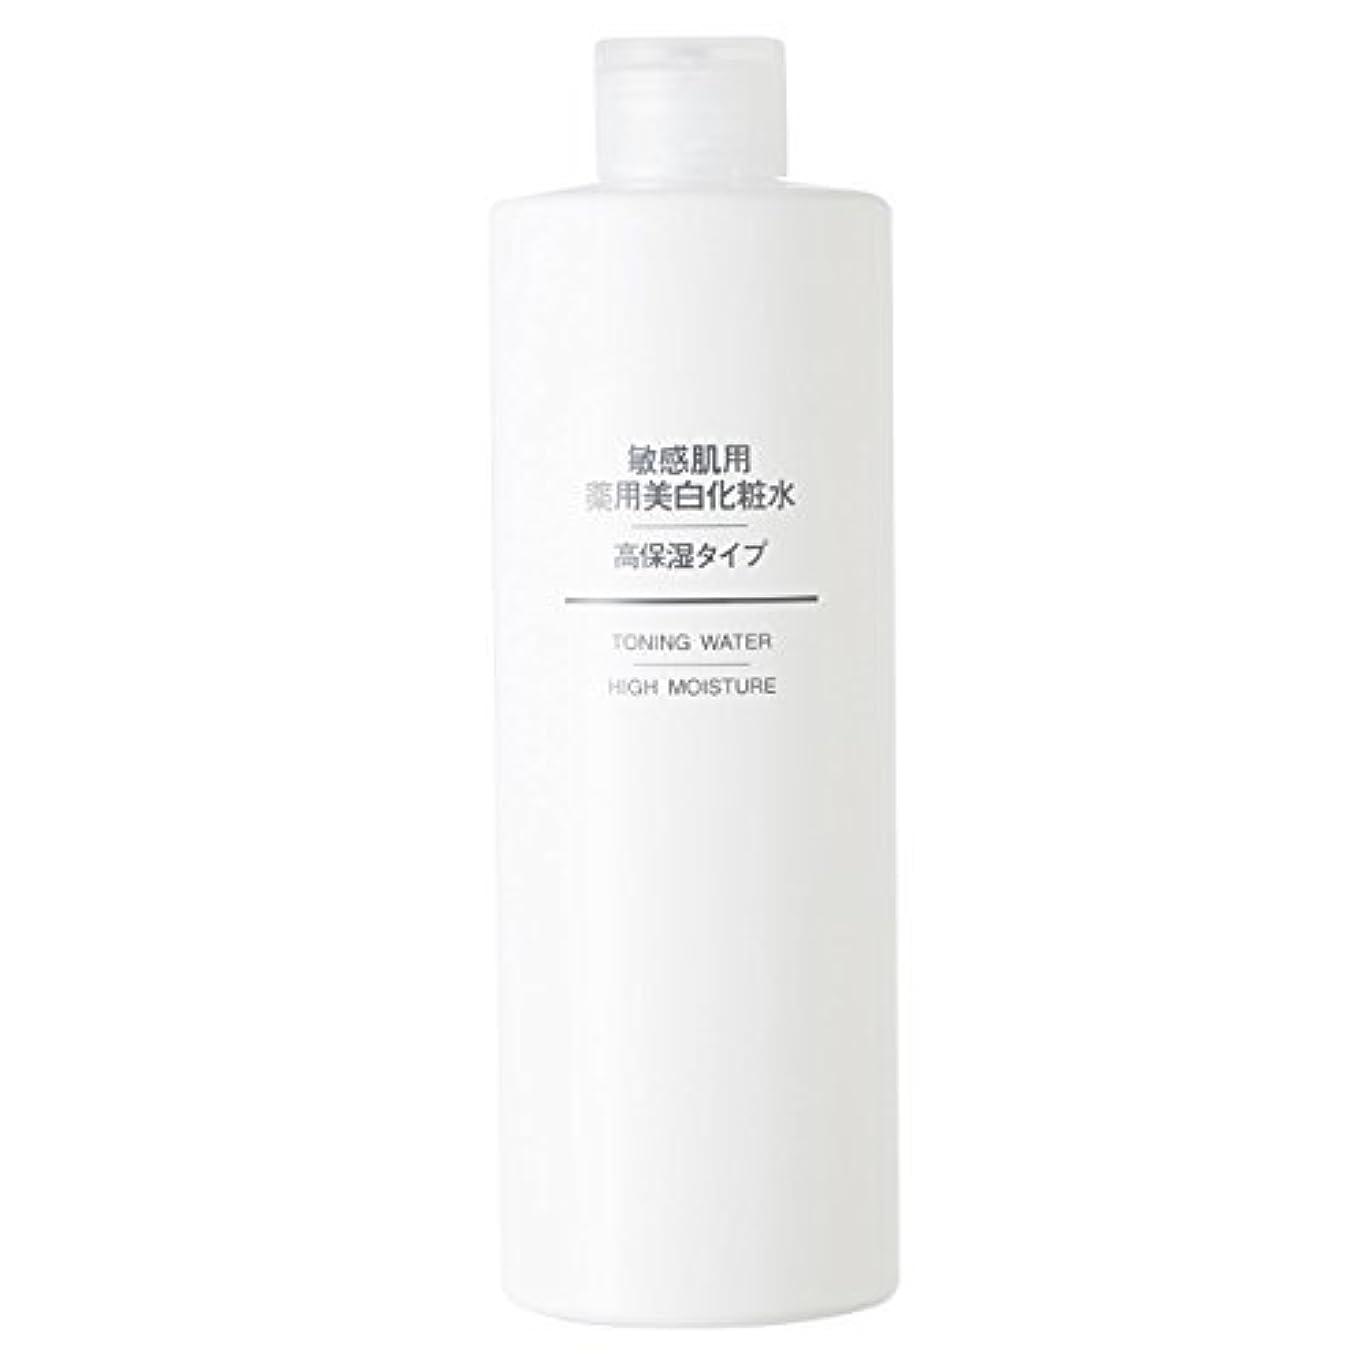 ぜいたく顧問脅威無印良品 敏感肌用薬用美白化粧水?高保湿タイプ(大容量) (新)400ml